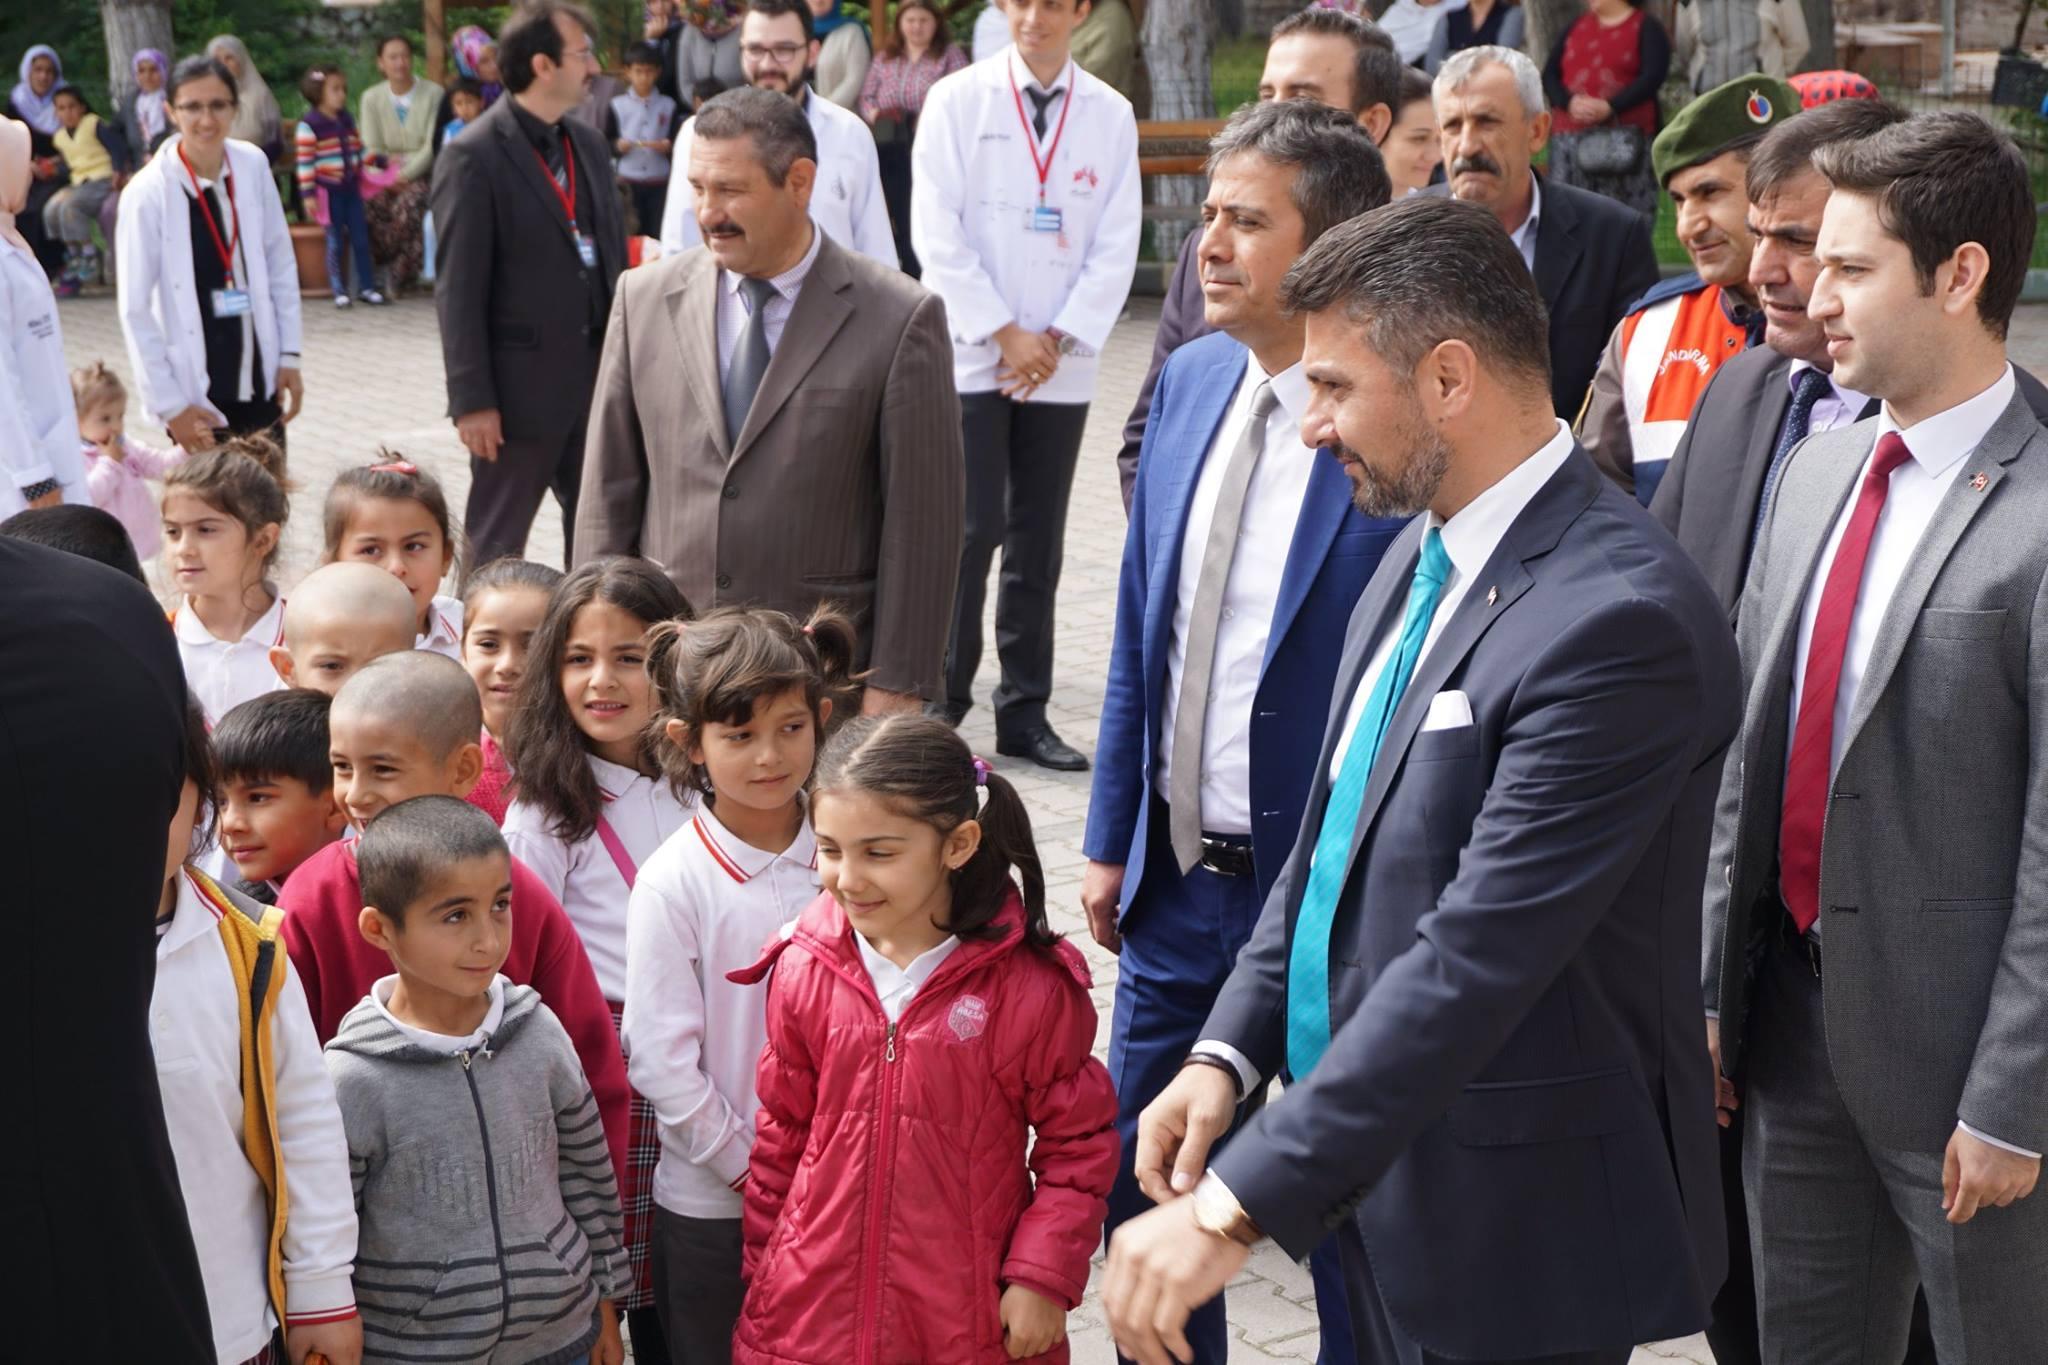 """Sivrihisar Belediye Başkanımız Hamid Yüzügüllü ilçemiz Kaymaz Ortaokulu öğrencileri tarafından hazırlanan TÜBİTAK """" Bilim Fuarı """" açılışını gerçekleştirerek, öğrencilerden projelerini dinlediler."""